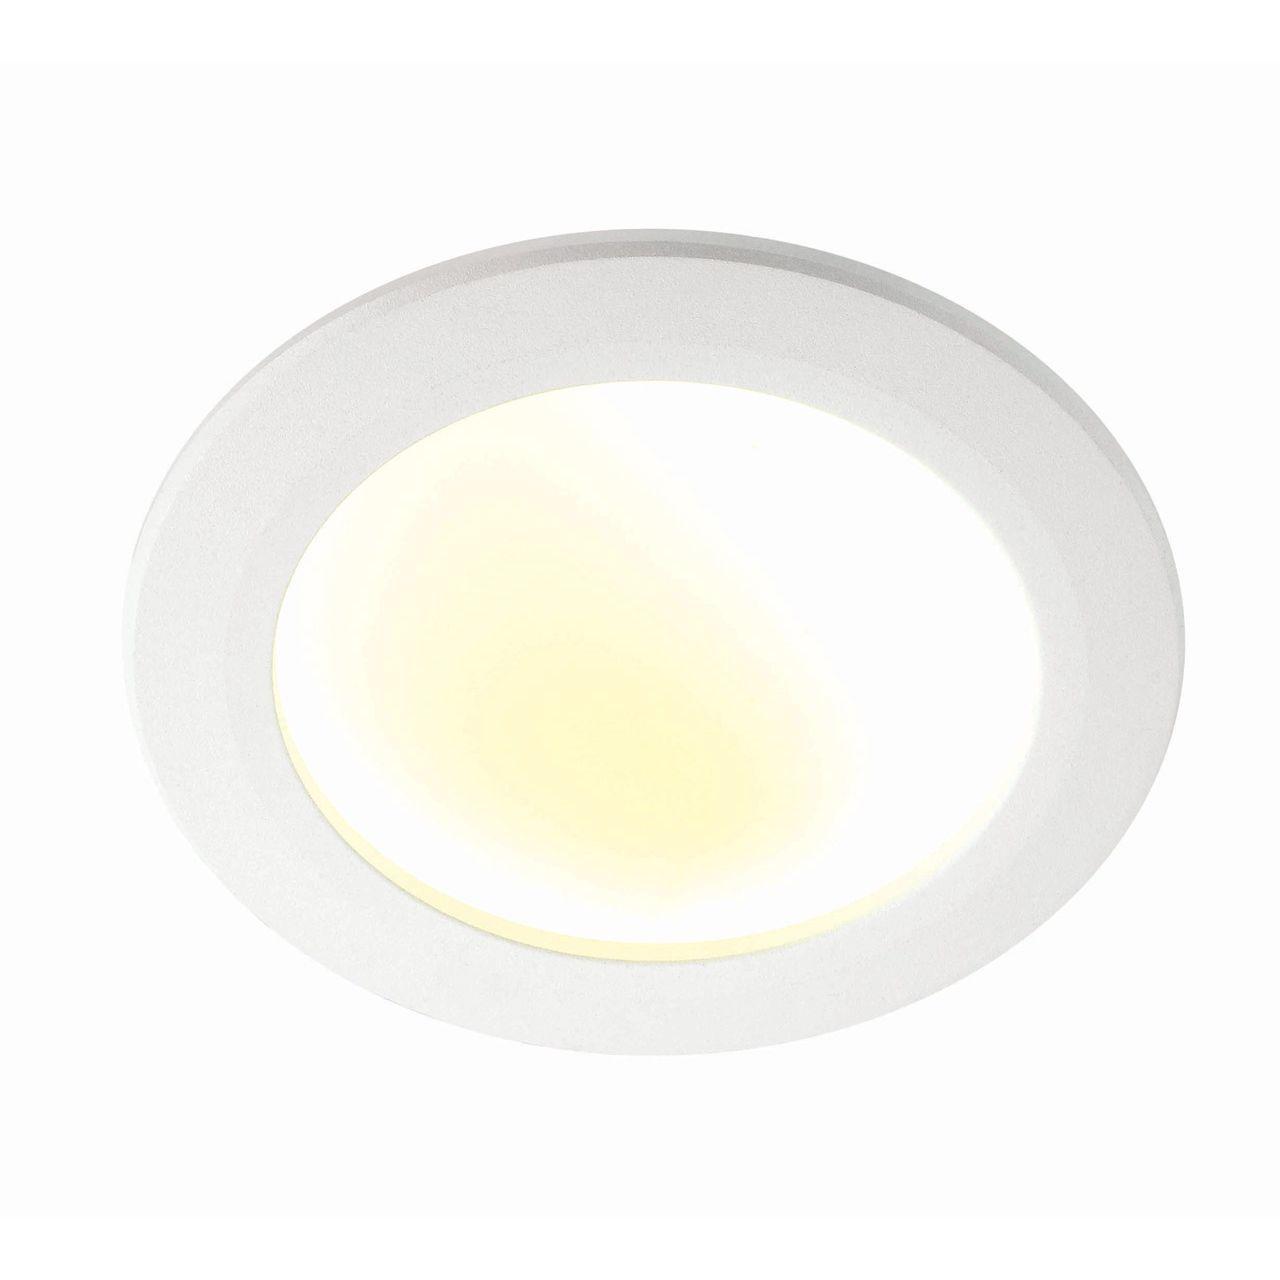 Встраиваемый светильник Novotech 357353, белый встраиваемый светильник novotech gesso 357353